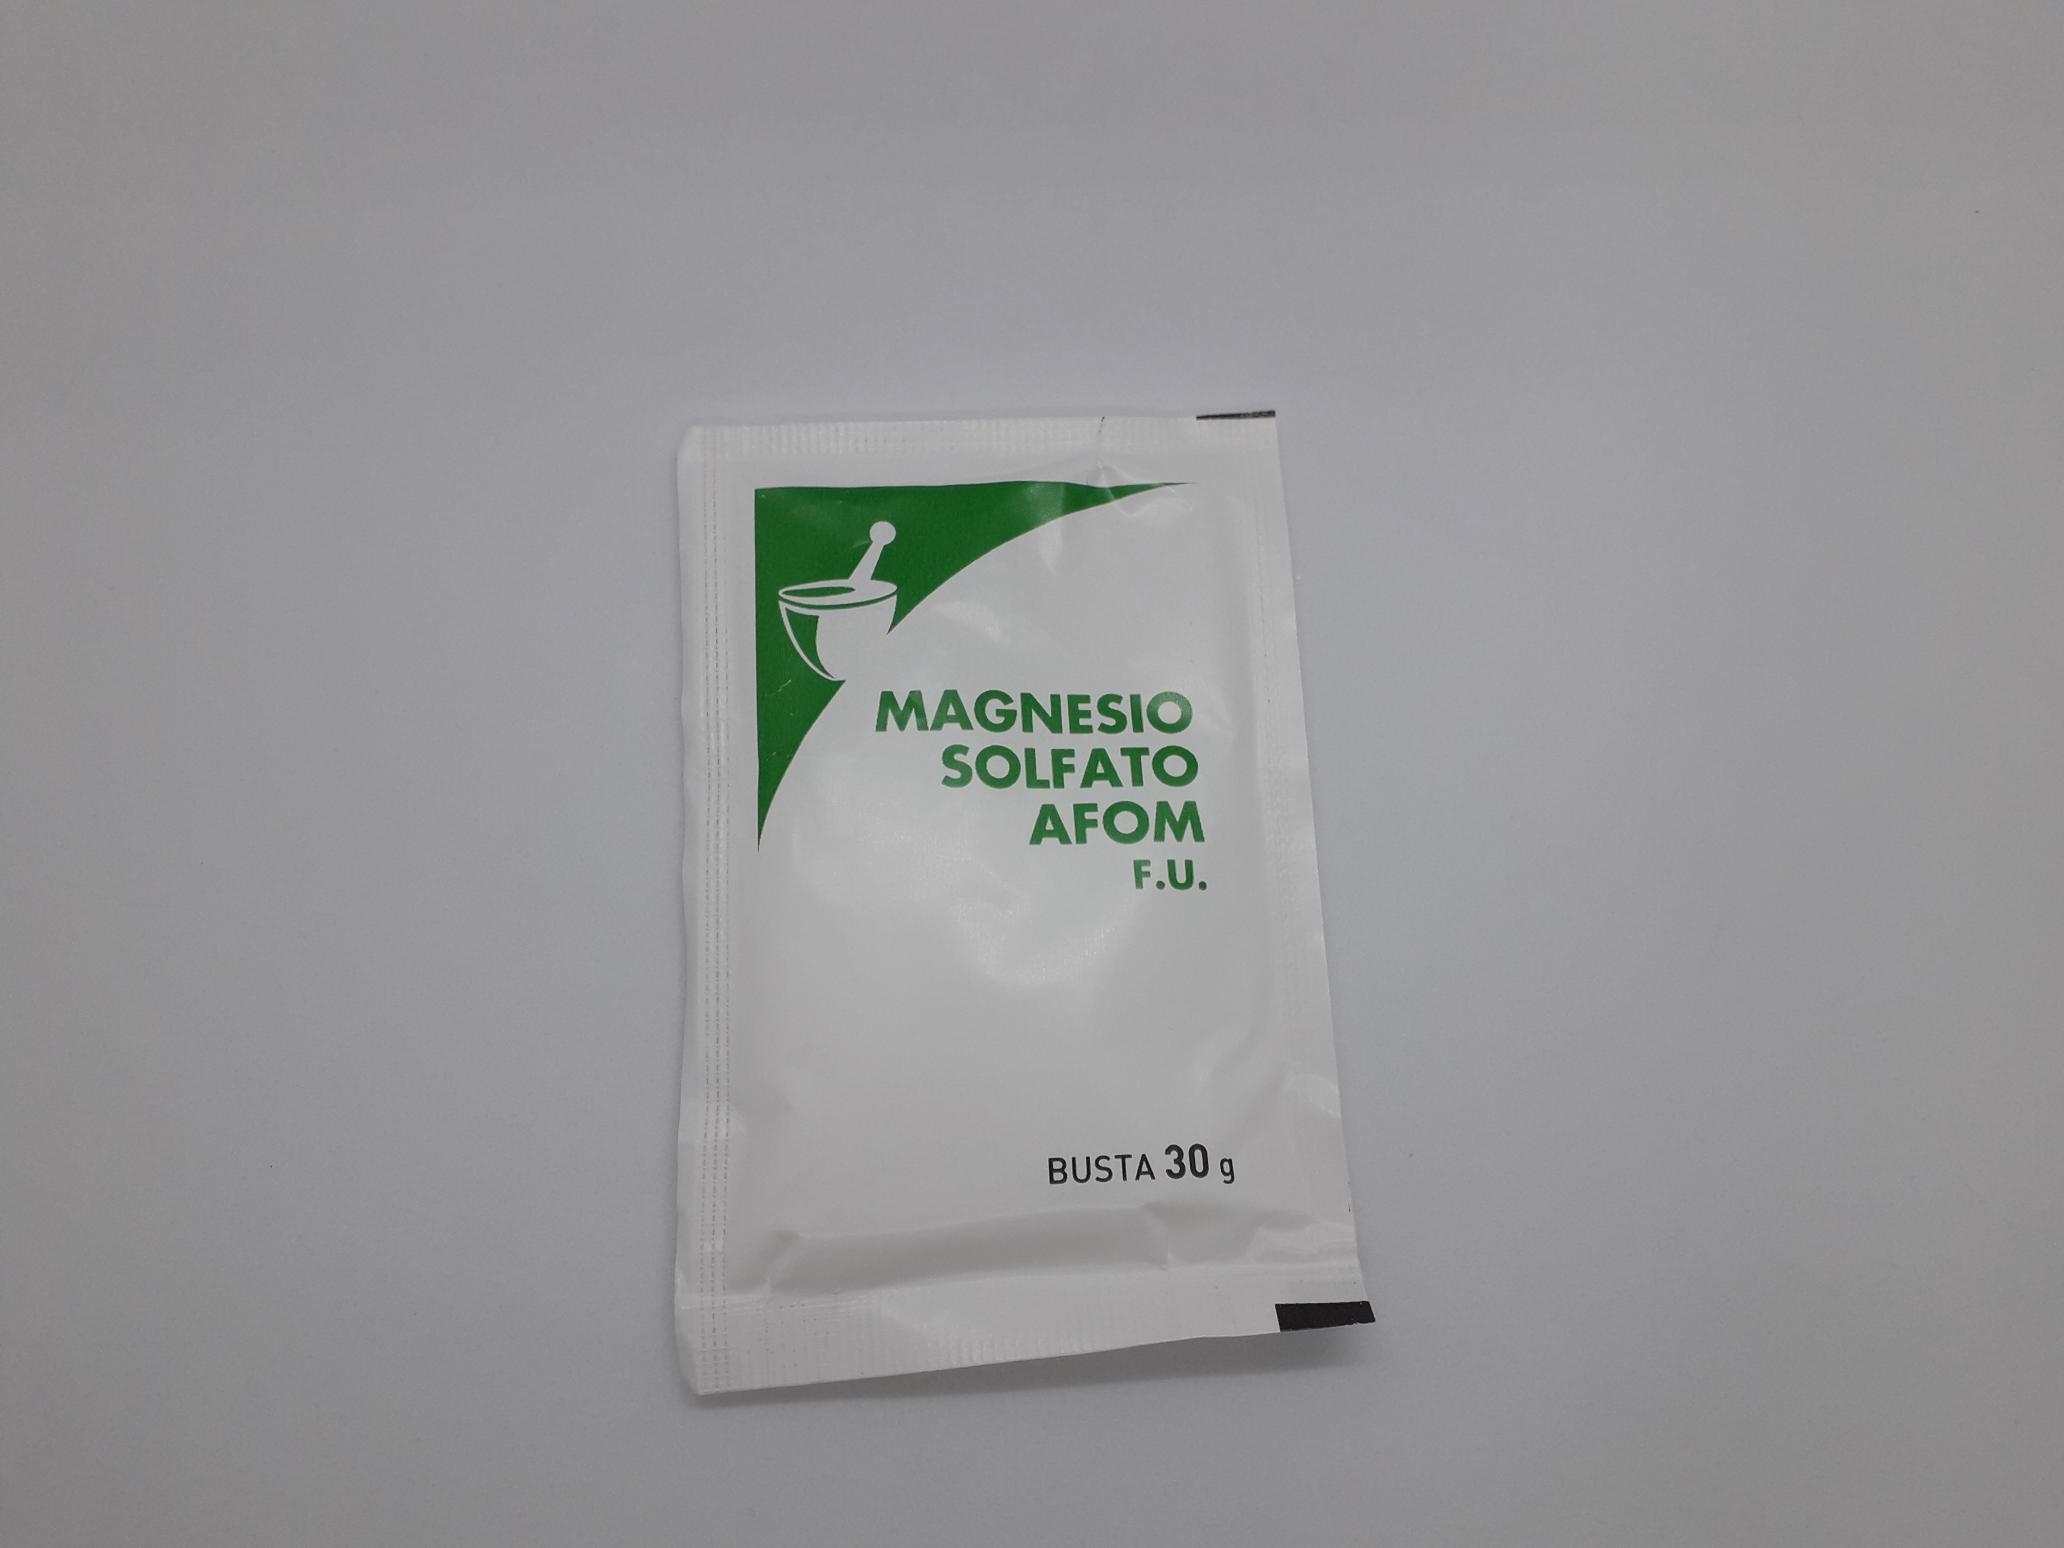 MAGNESIO SOLFATO 30 G - Farmaciaempatica.it